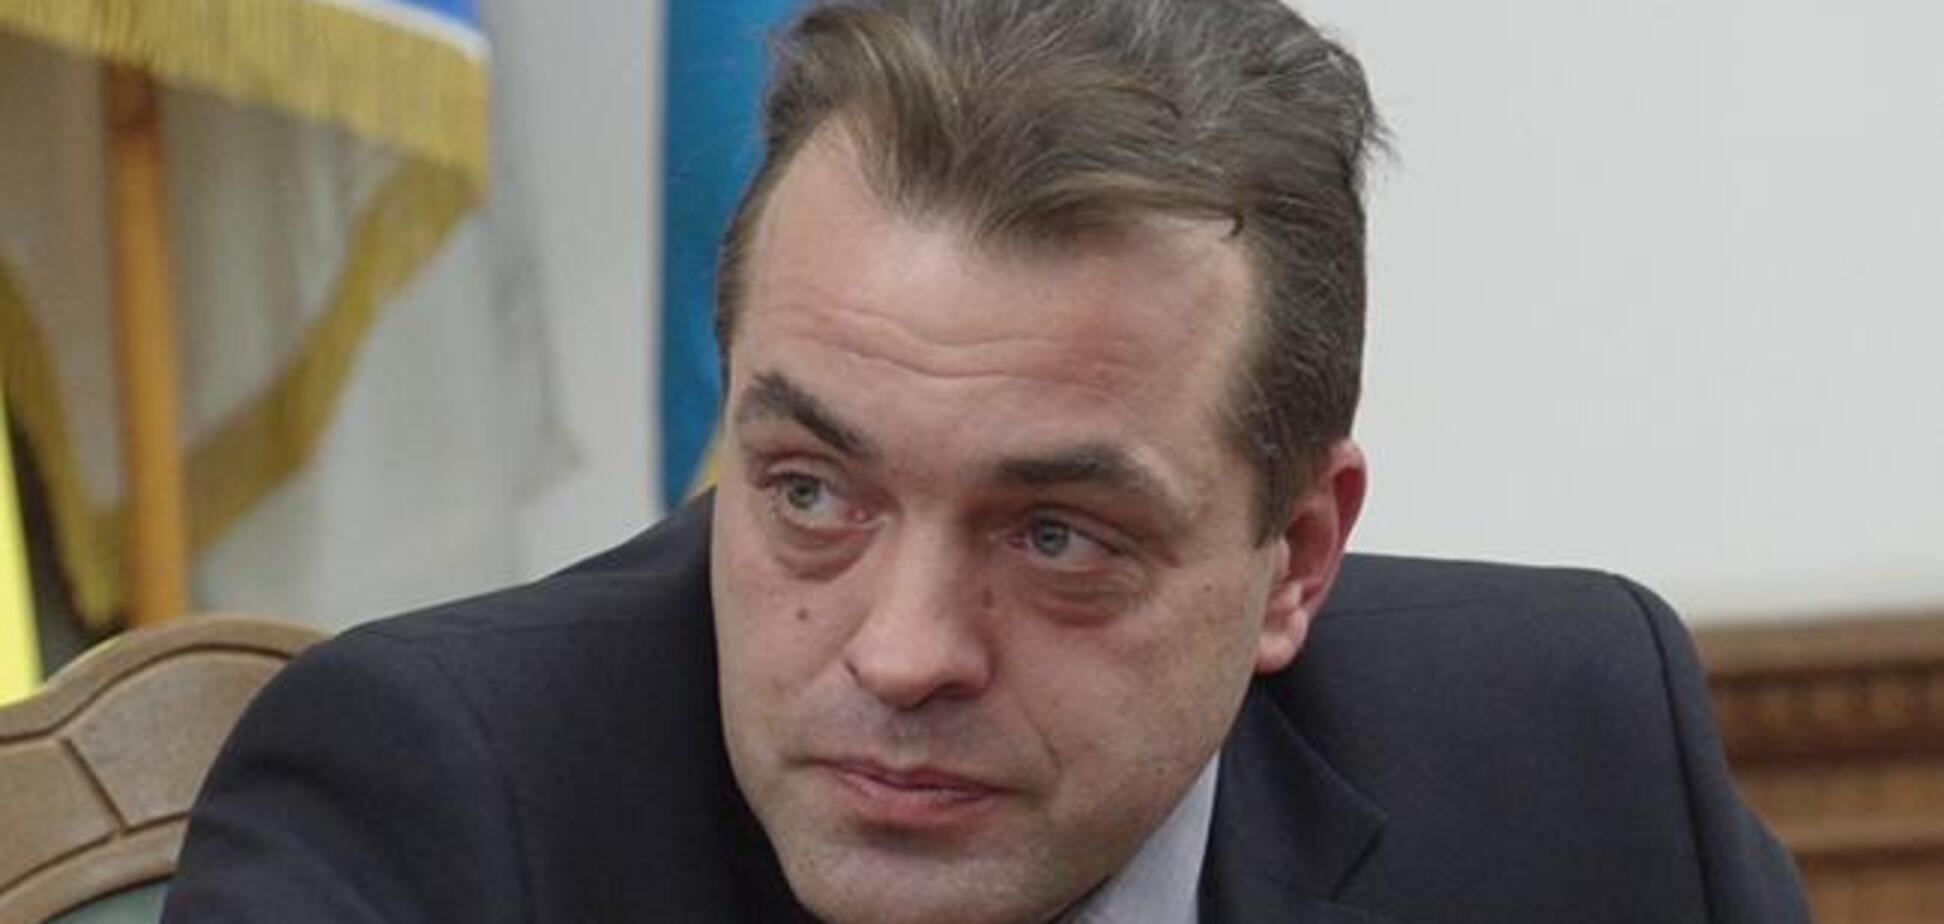 Вибори скасовувати не будуть! Радник Порошенка роз'яснив суть воєнного стану в Україні